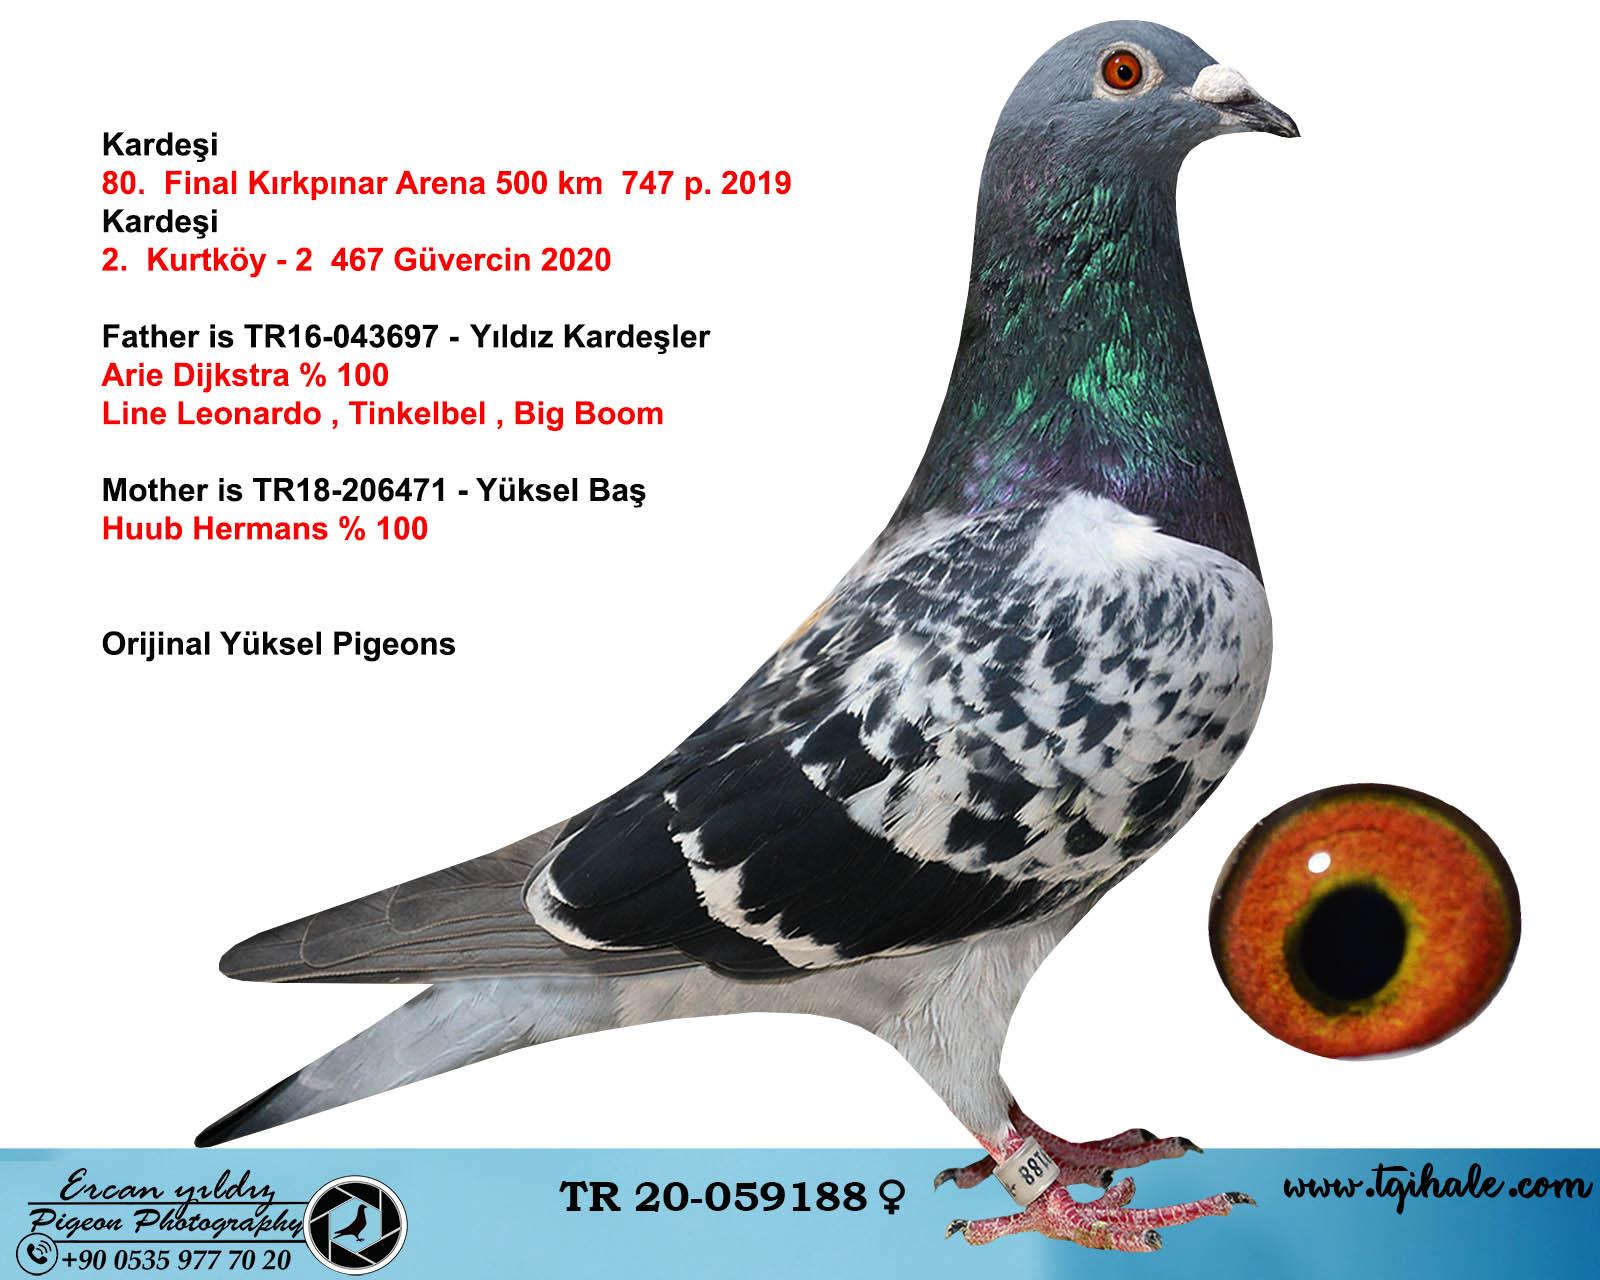 TR20-059188 DİŞİ / BABASI ARİE DIJKSTAR  ANNESİ HUUB HERMANS % 100